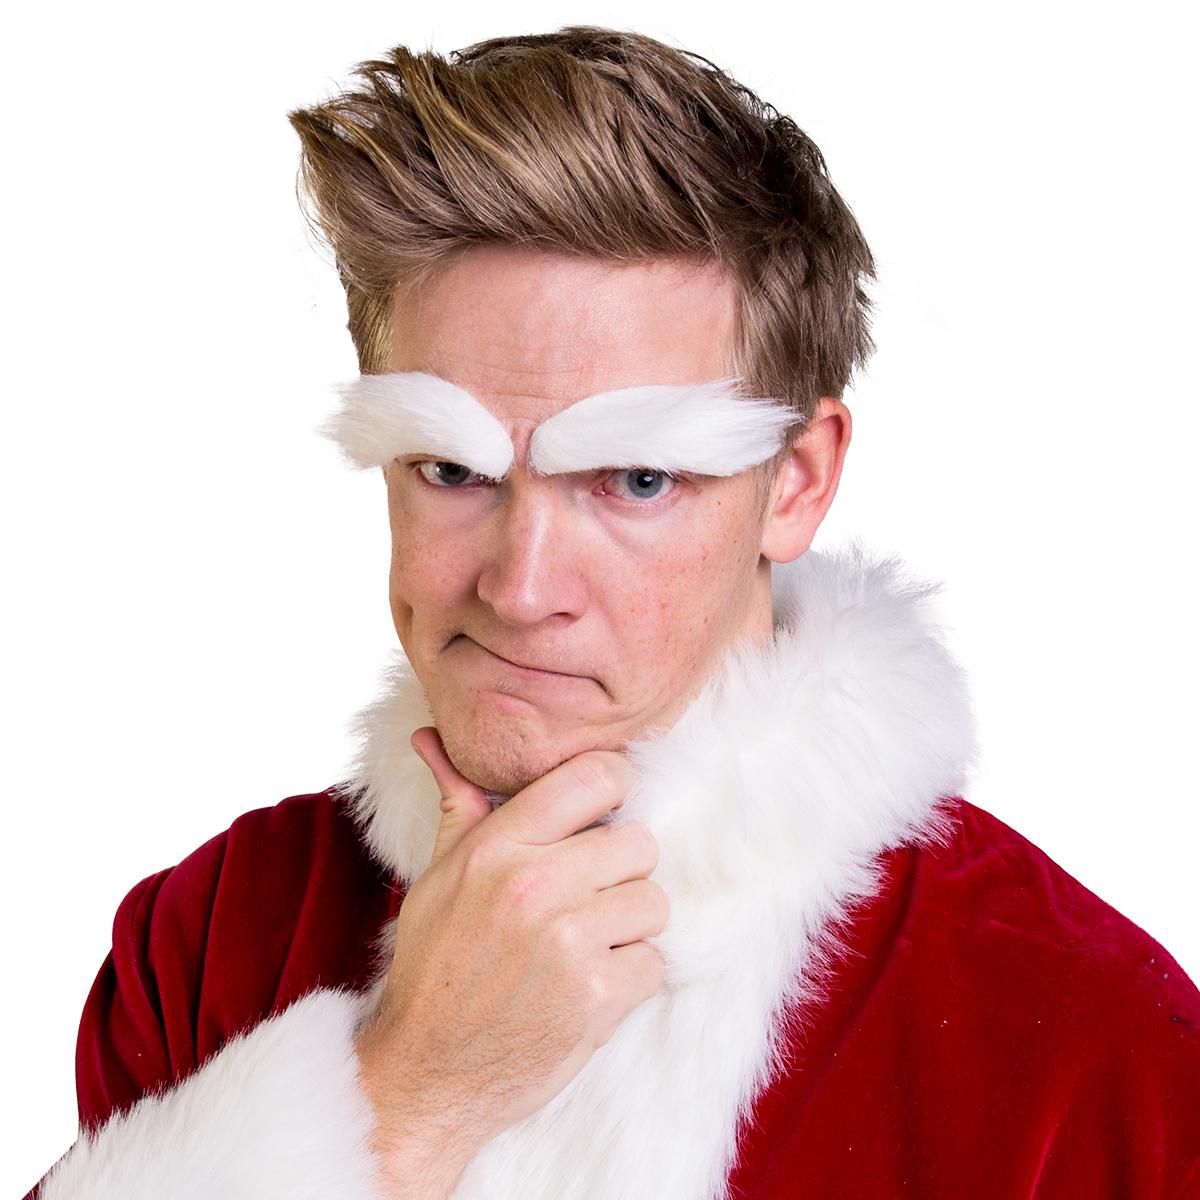 Ögonbryn, Jultomte